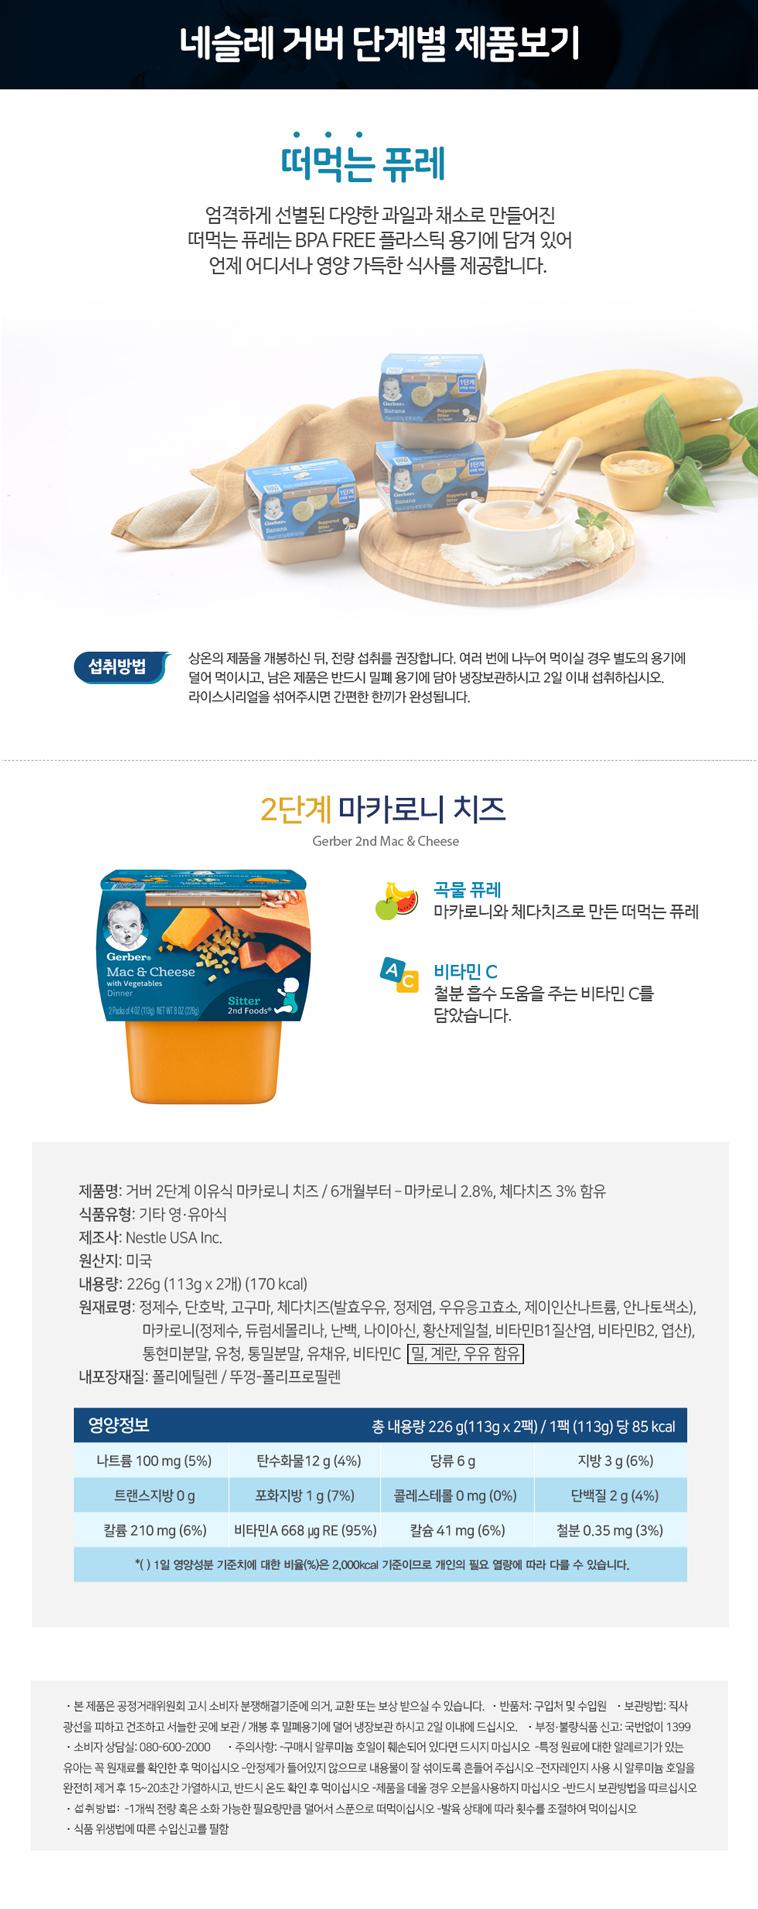 [슈퍼반값특가] 네슬레 거버 이유식 - 상세정보